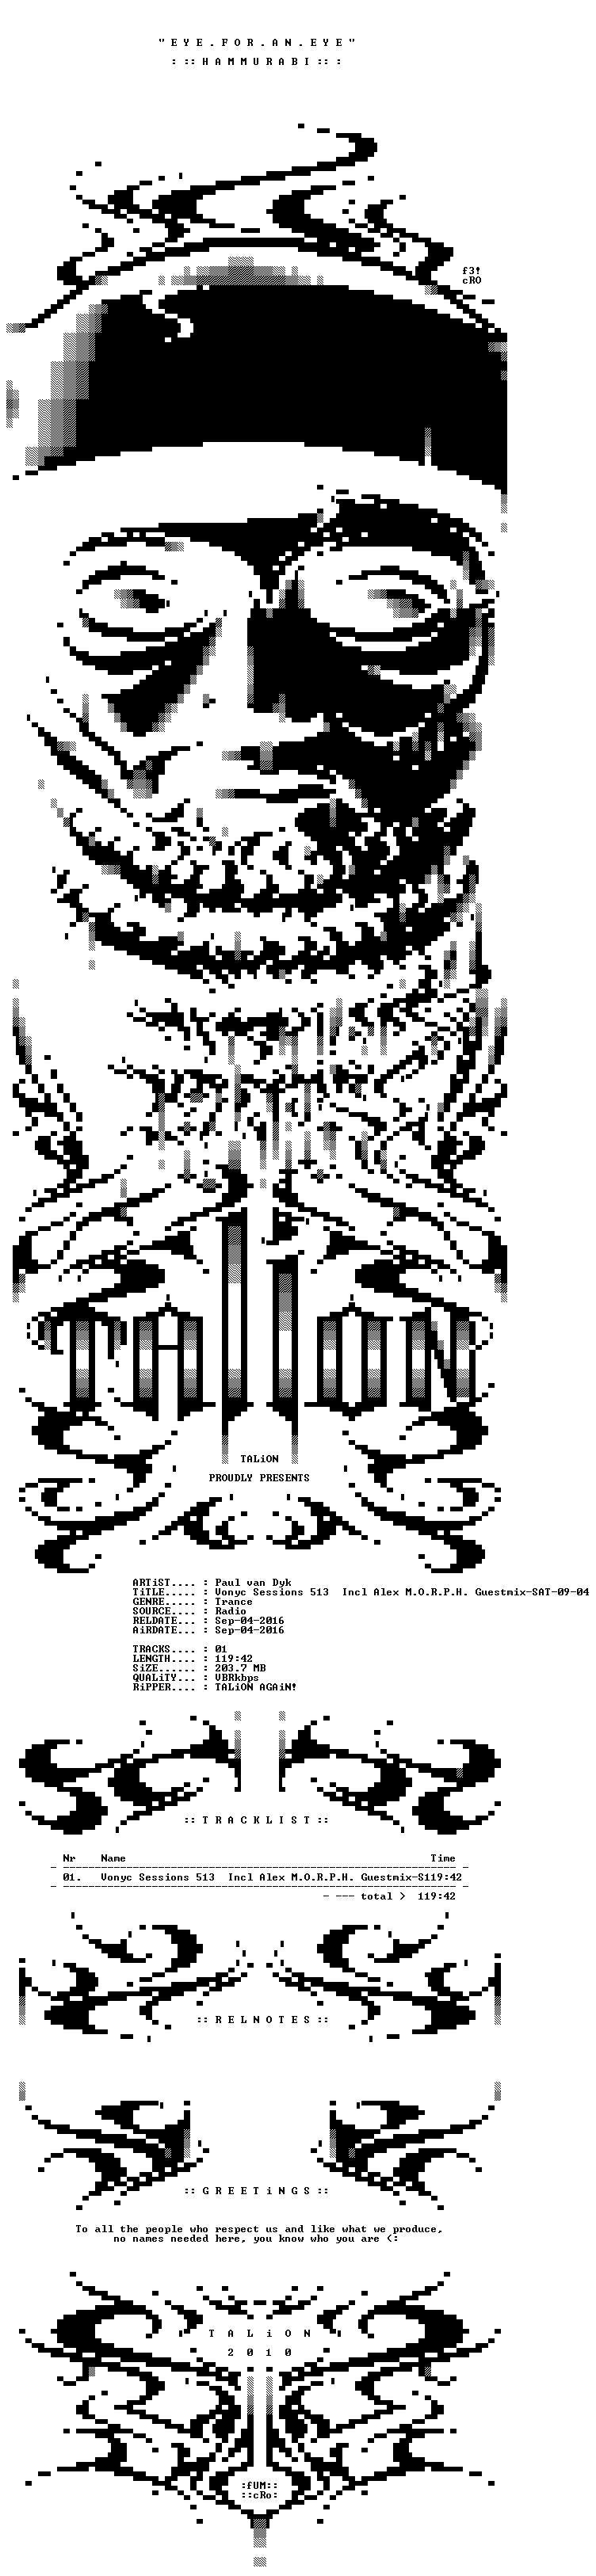 Paul van Dyk - Vonyc Sessions 513 Incl Alex M O R P H Guestmix-SAT-09-04-2016-TALiON